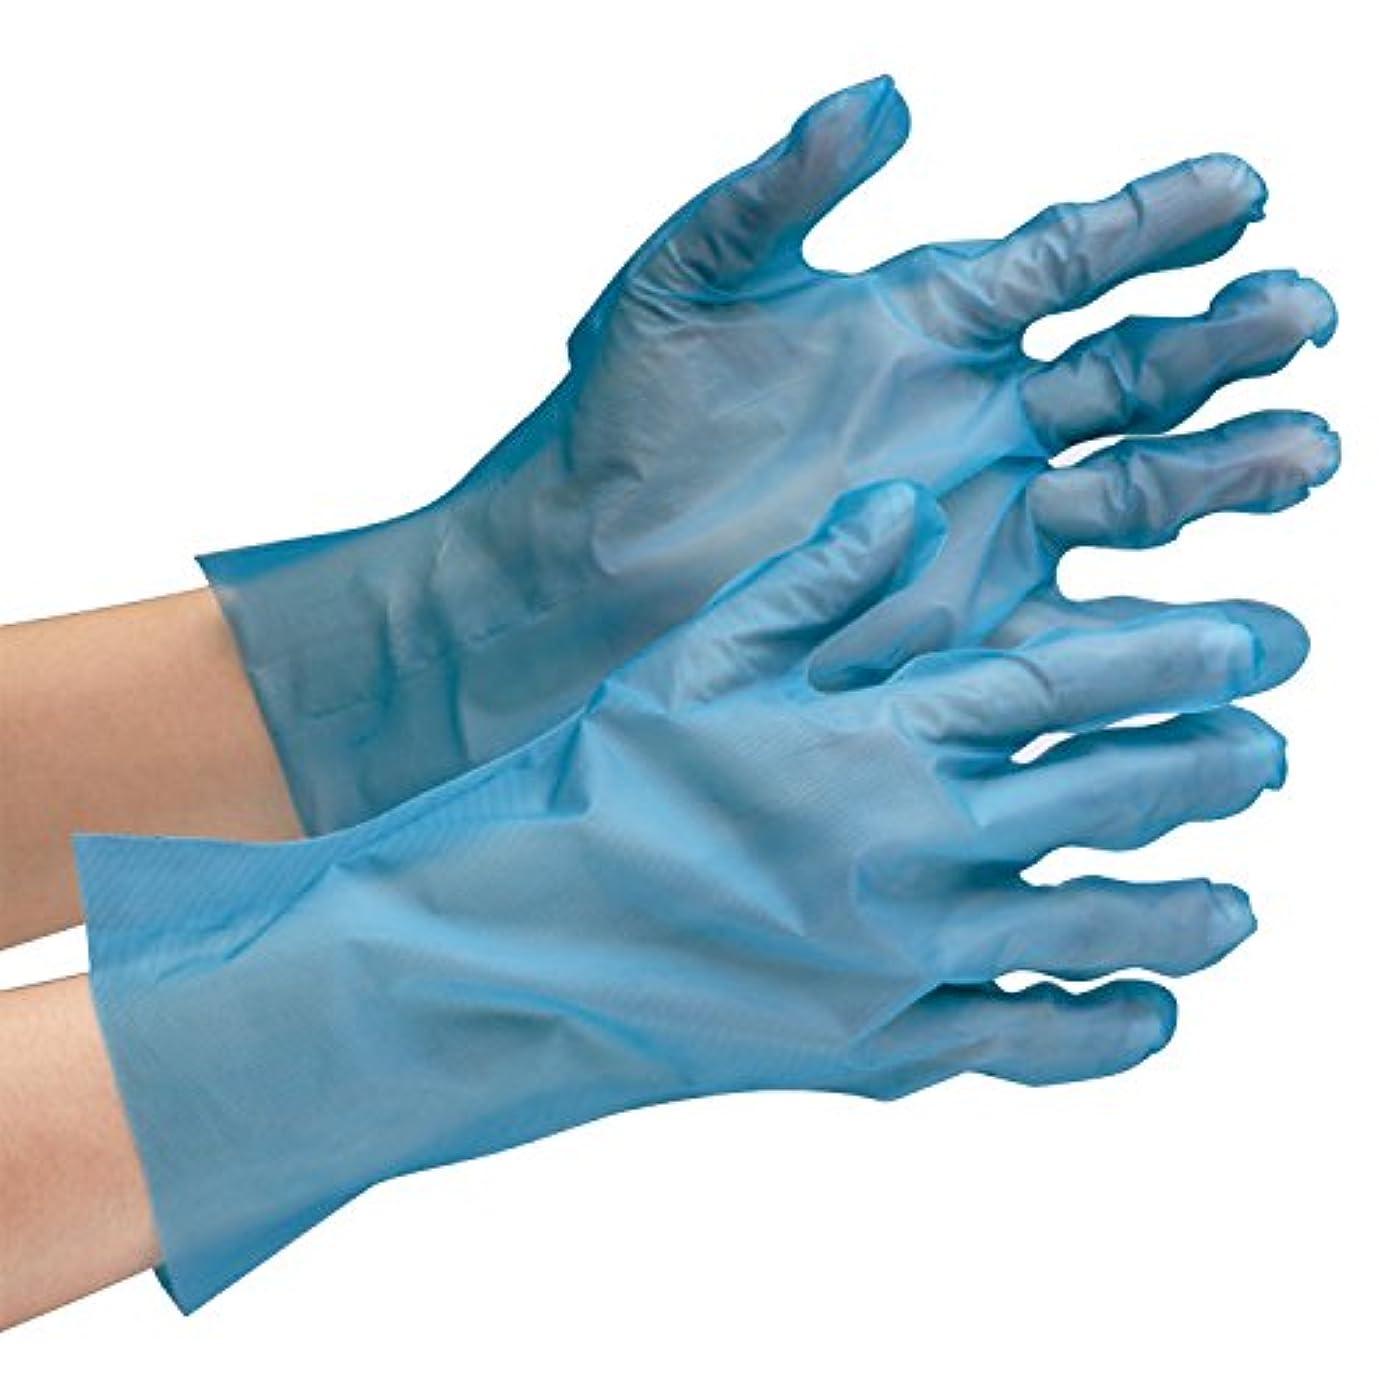 珍味初期戦うミドリ安全 ポリエチレン製ディスポ手袋 ベルテ576 ブルー 200枚入